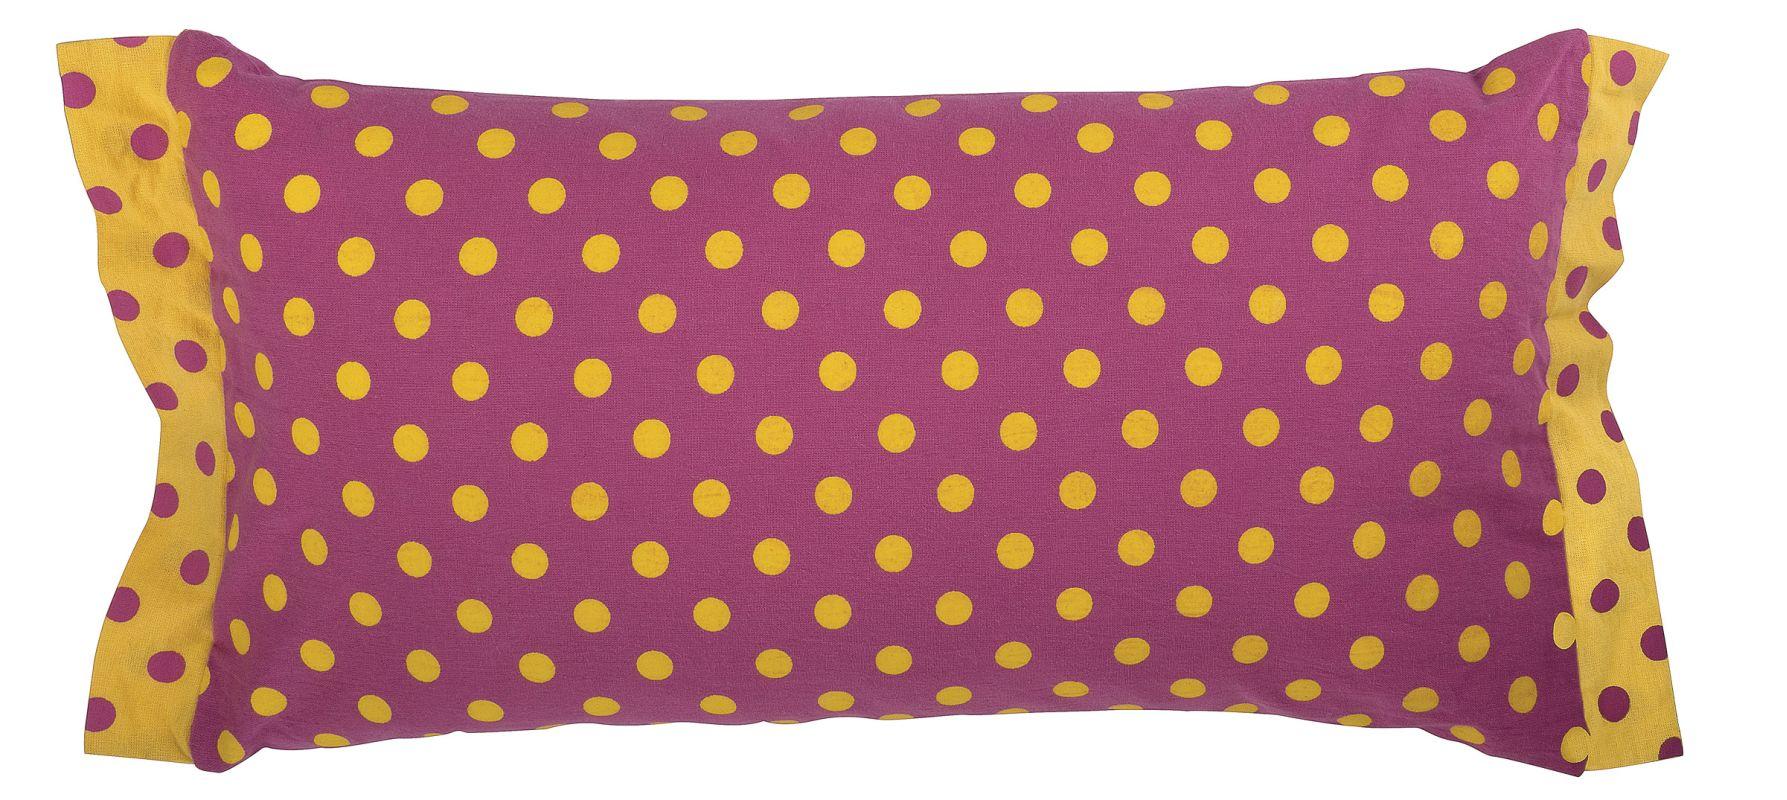 """Rizzy Home T06733 Rachel Kate 11"""" x 21"""" Pillow with Hidden Zipper and"""